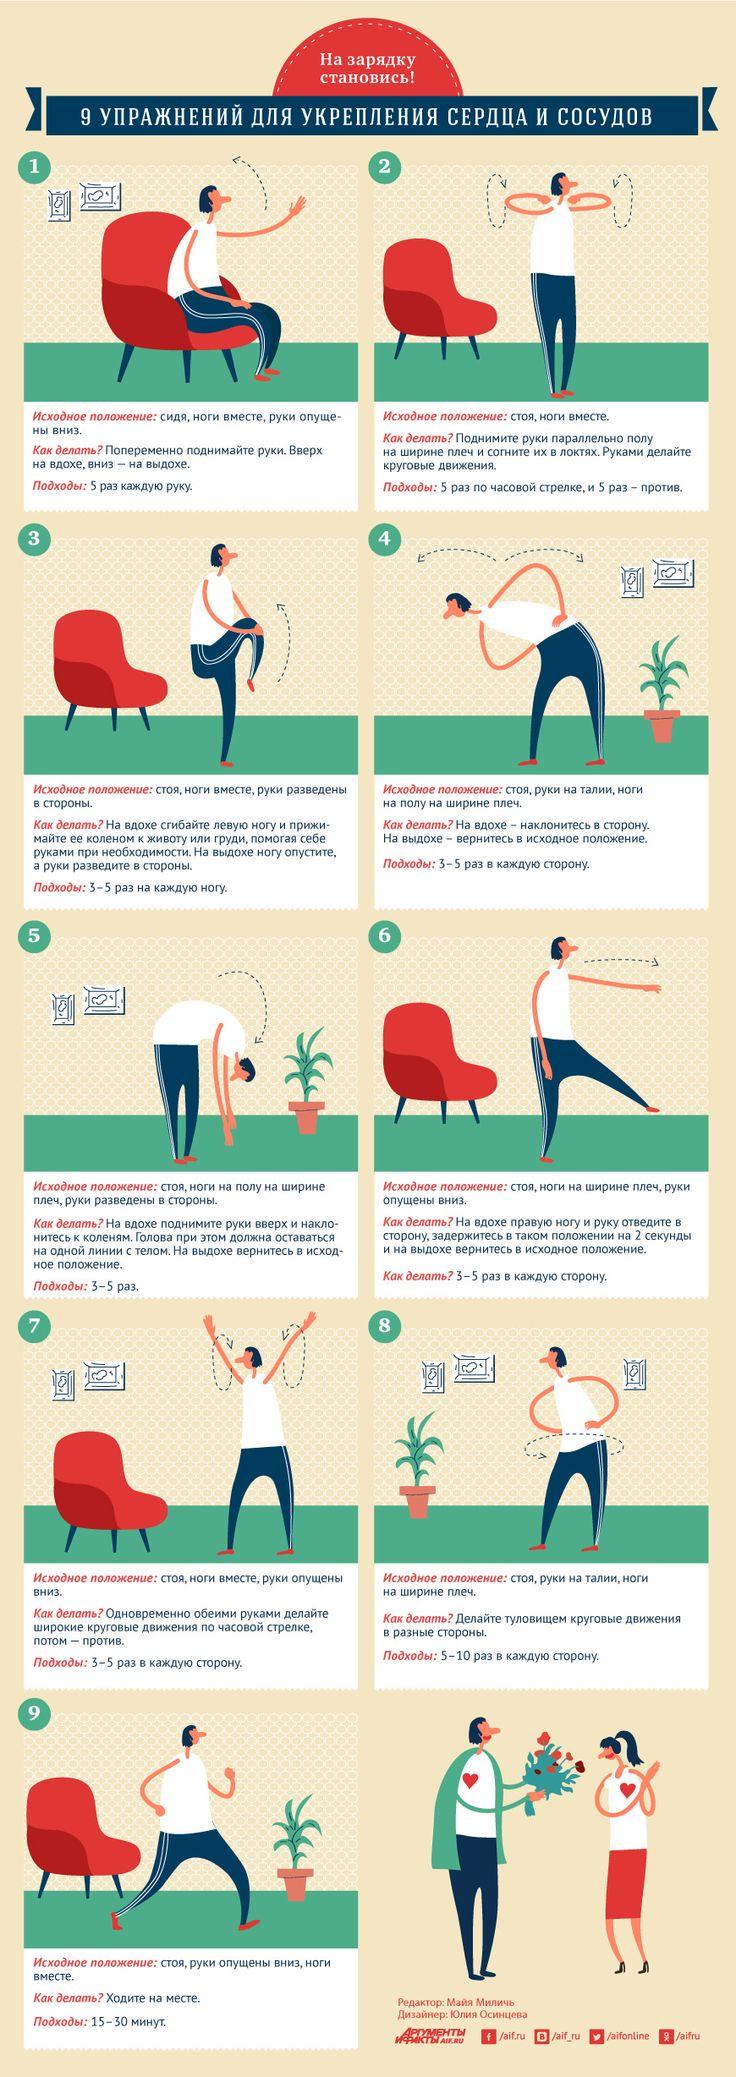 На зарядку становись! 9 упражнений для укрепления сердца и сосудов | Здоровая жизнь | Здоровье | Аргументы и Факты